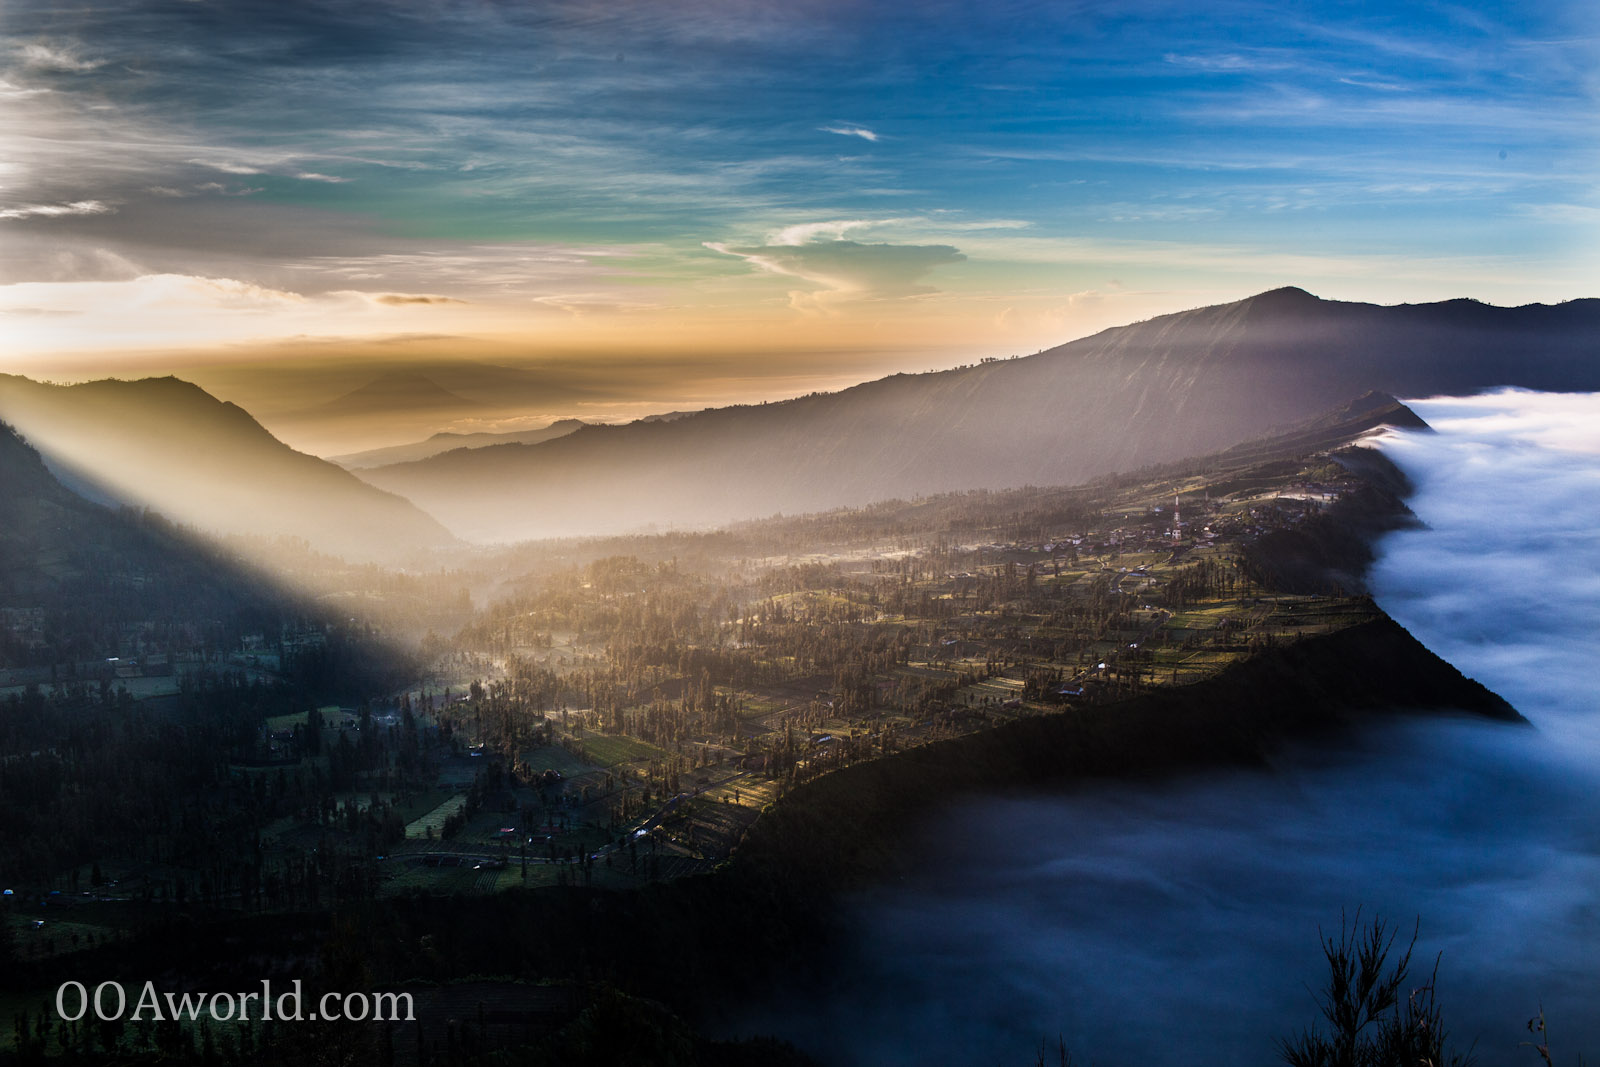 Photo Mount Bromo Indonesia Eastern Lights Ooaworld